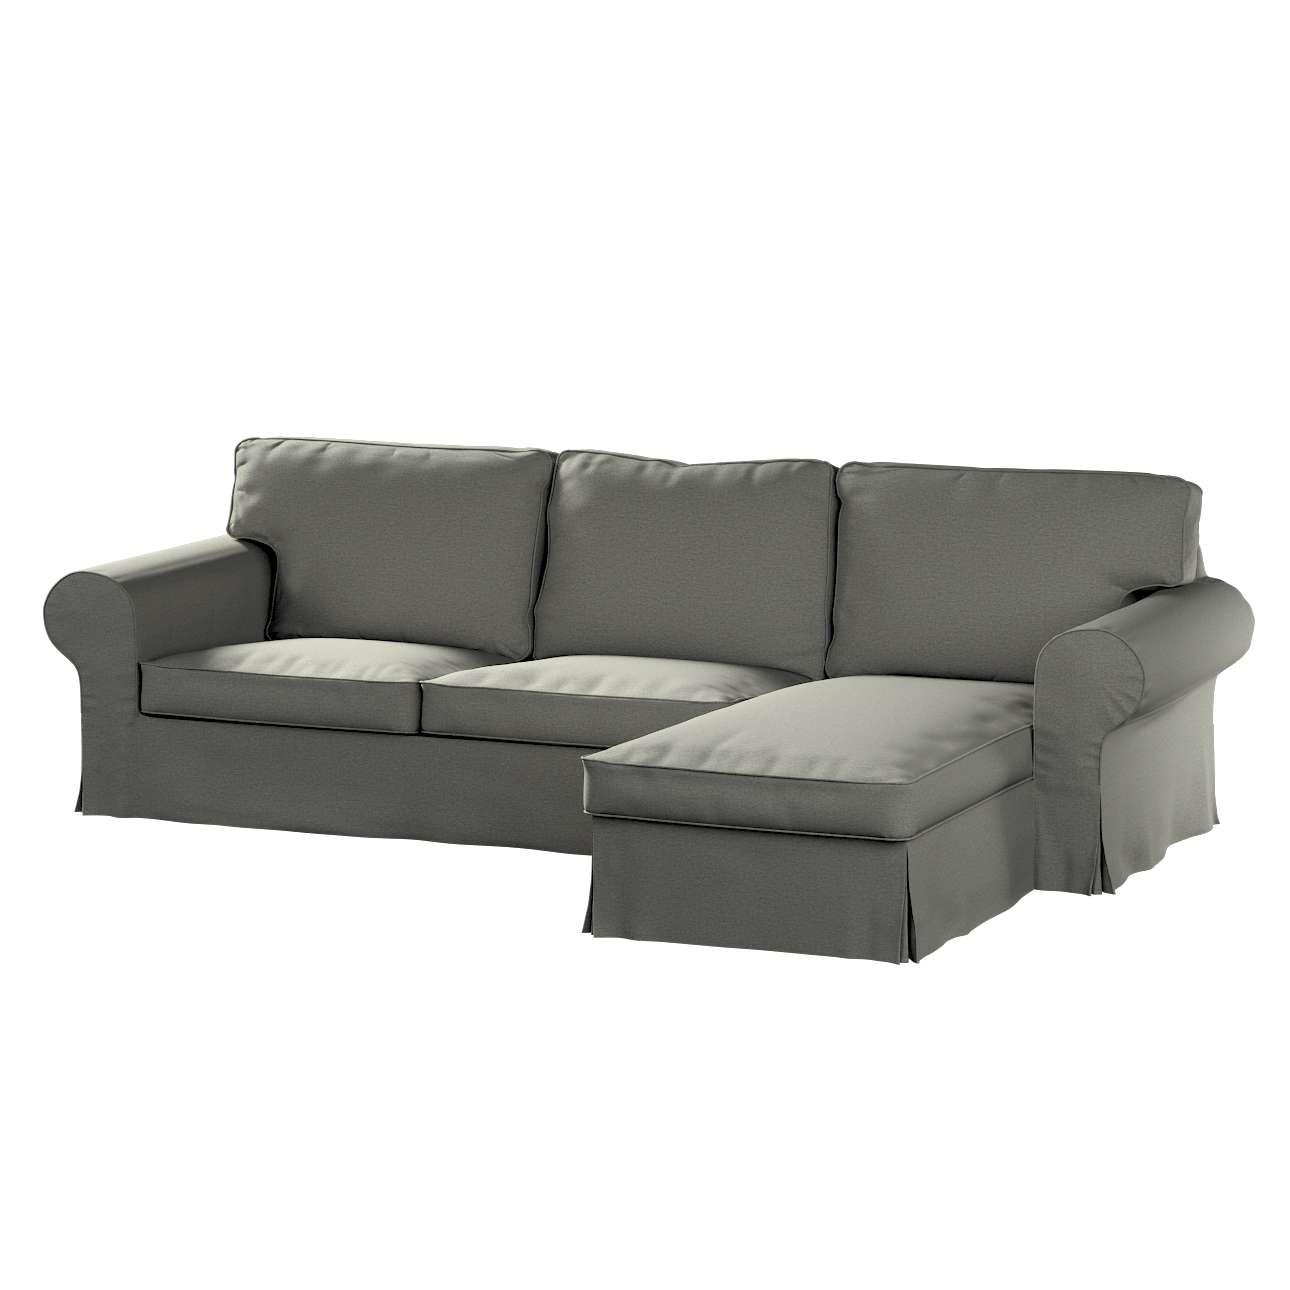 Pokrowiec na sofę Ektorp 2-osobową i leżankę w kolekcji Etna, tkanina: 161-25